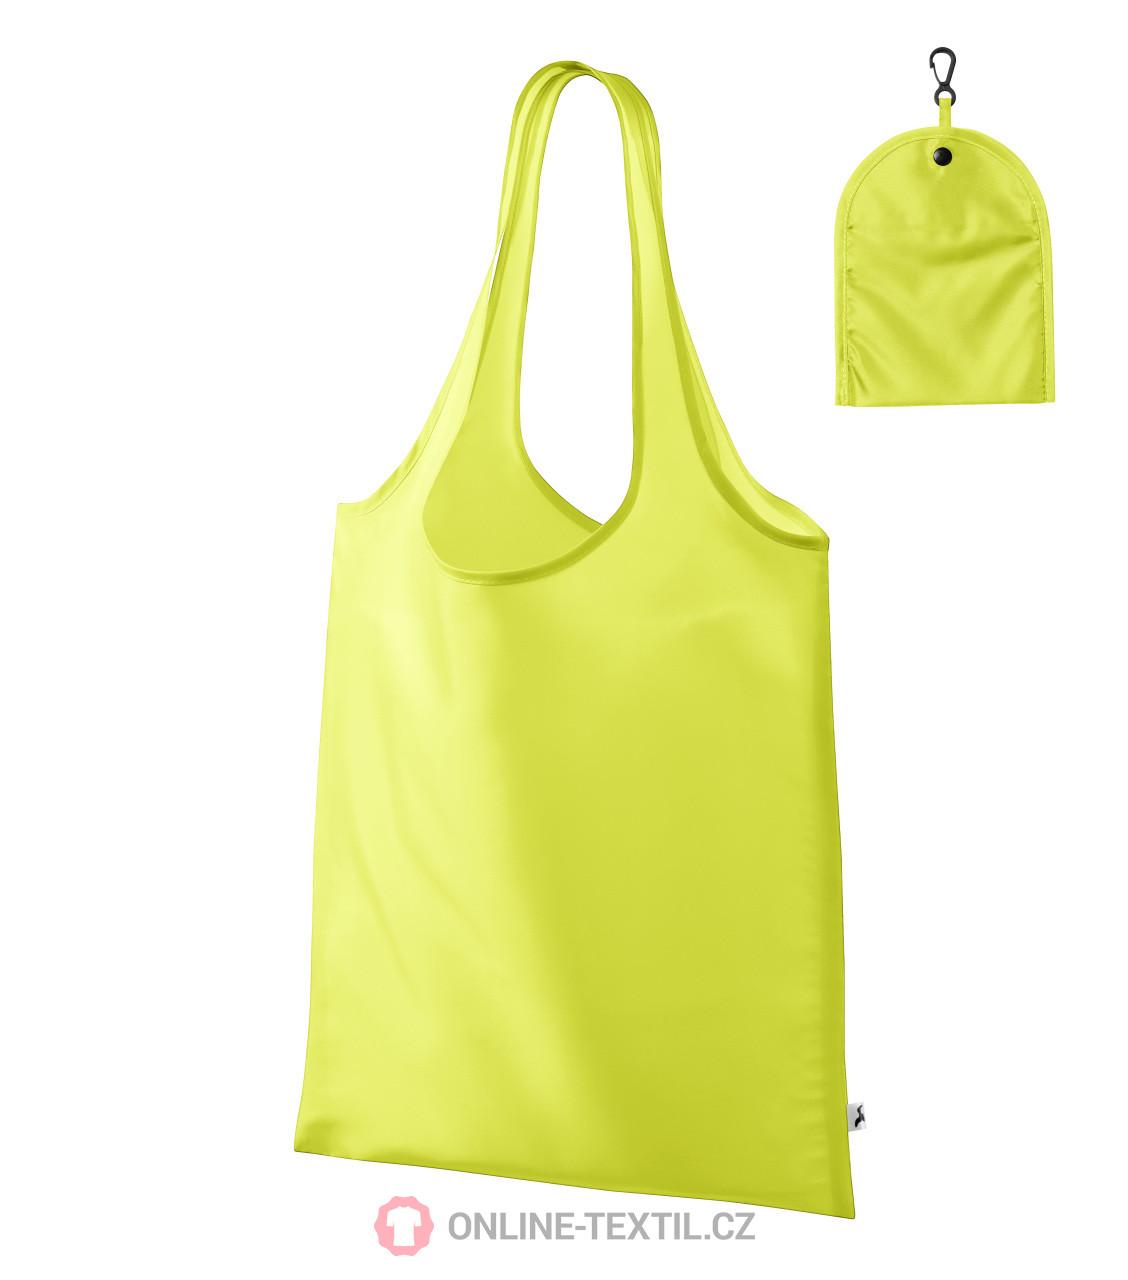 18af17a7d325 ADLER CZECH Nákupní taška Smart 911 - neon yellow z kolekce MALFINI ...